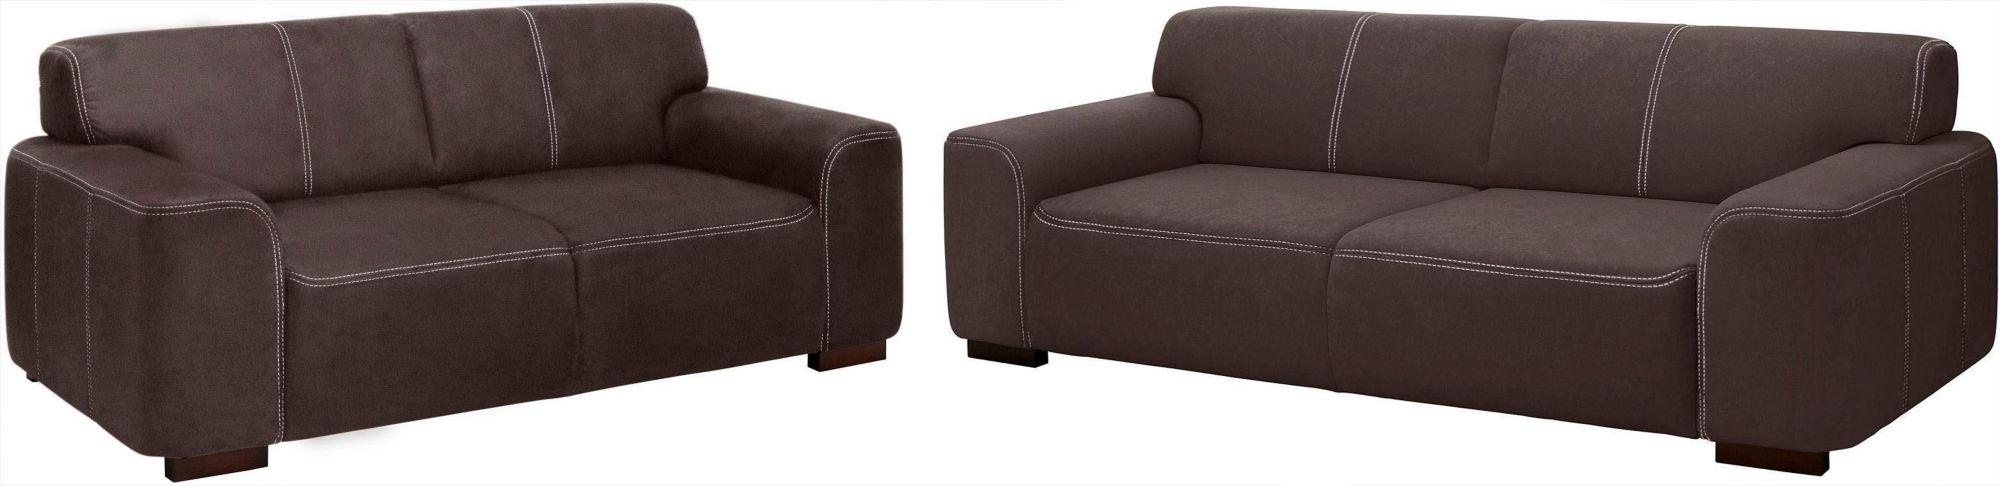 home affaire garnitur 2 tlg 2 sitzer und 3 sitzer. Black Bedroom Furniture Sets. Home Design Ideas